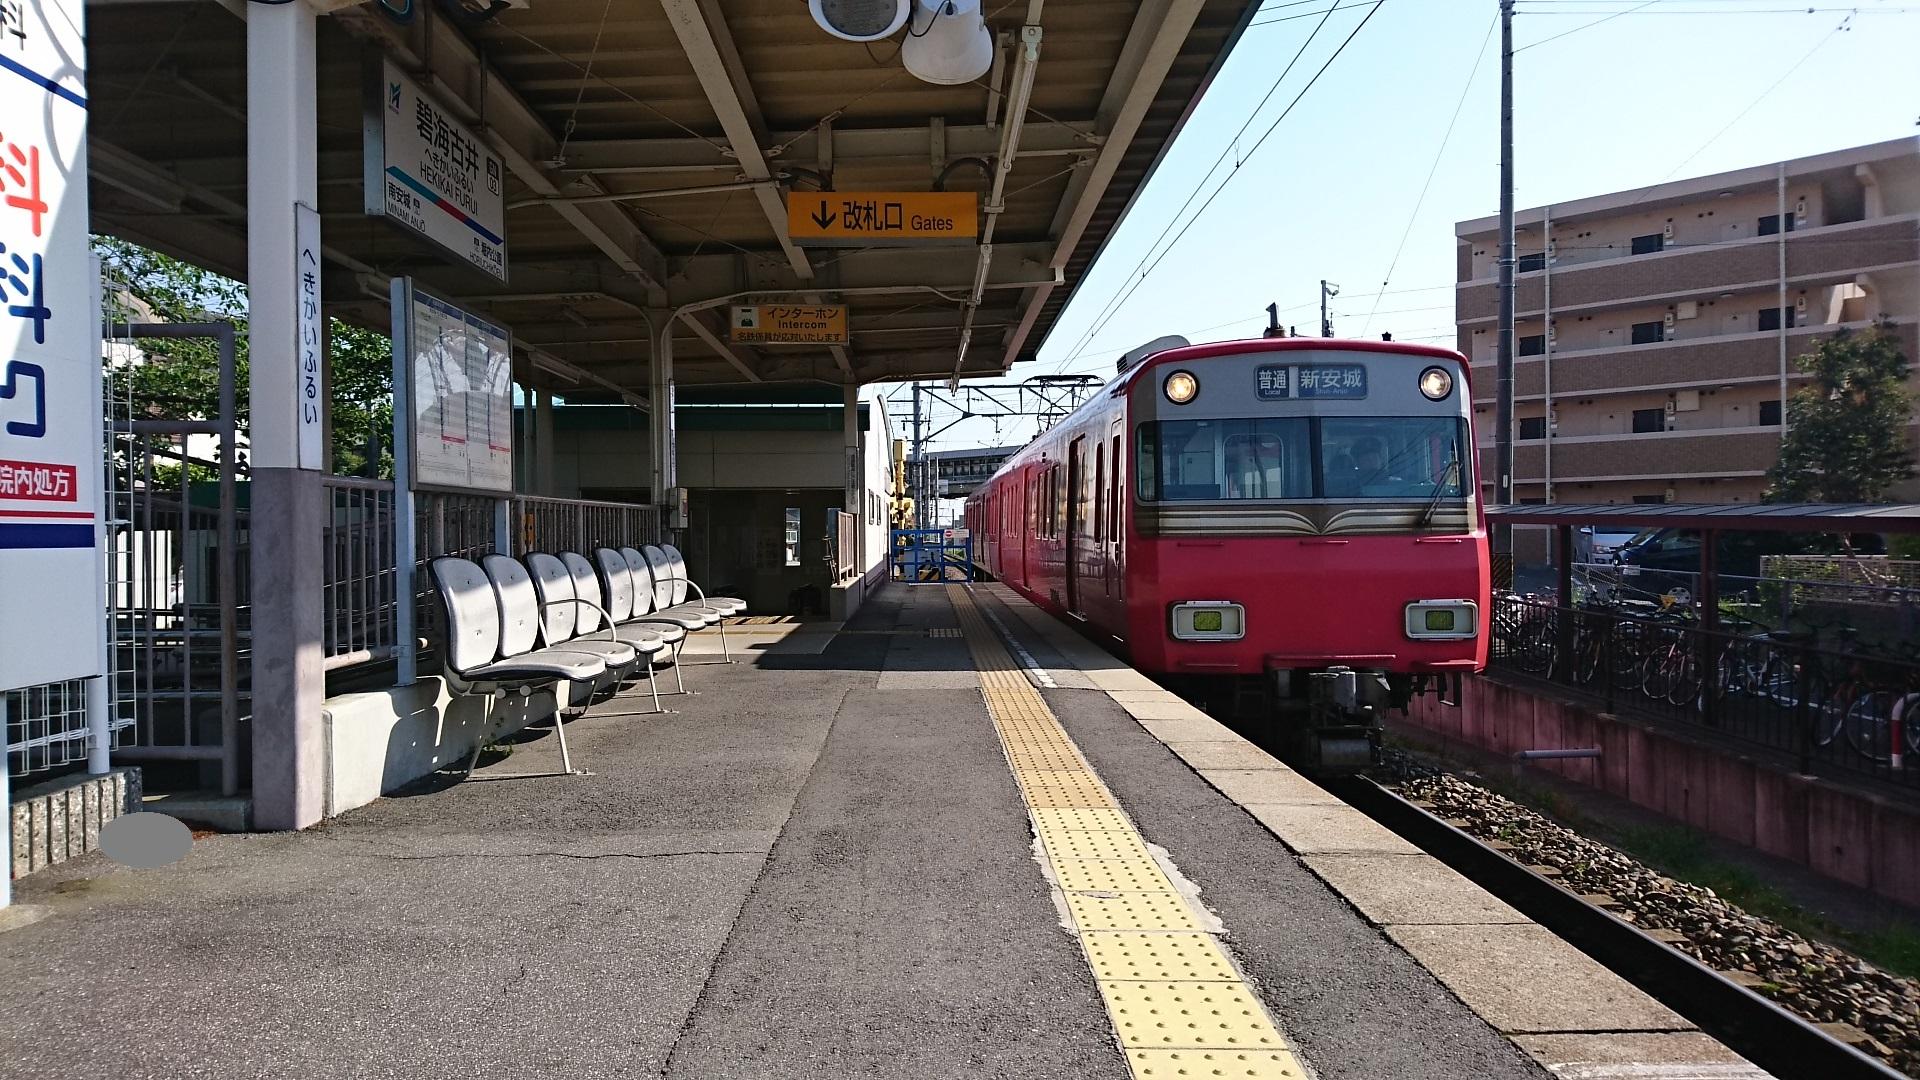 2018.4.21 アクトス (1) 古井 - しんあんじょういきふつう 1920-1080